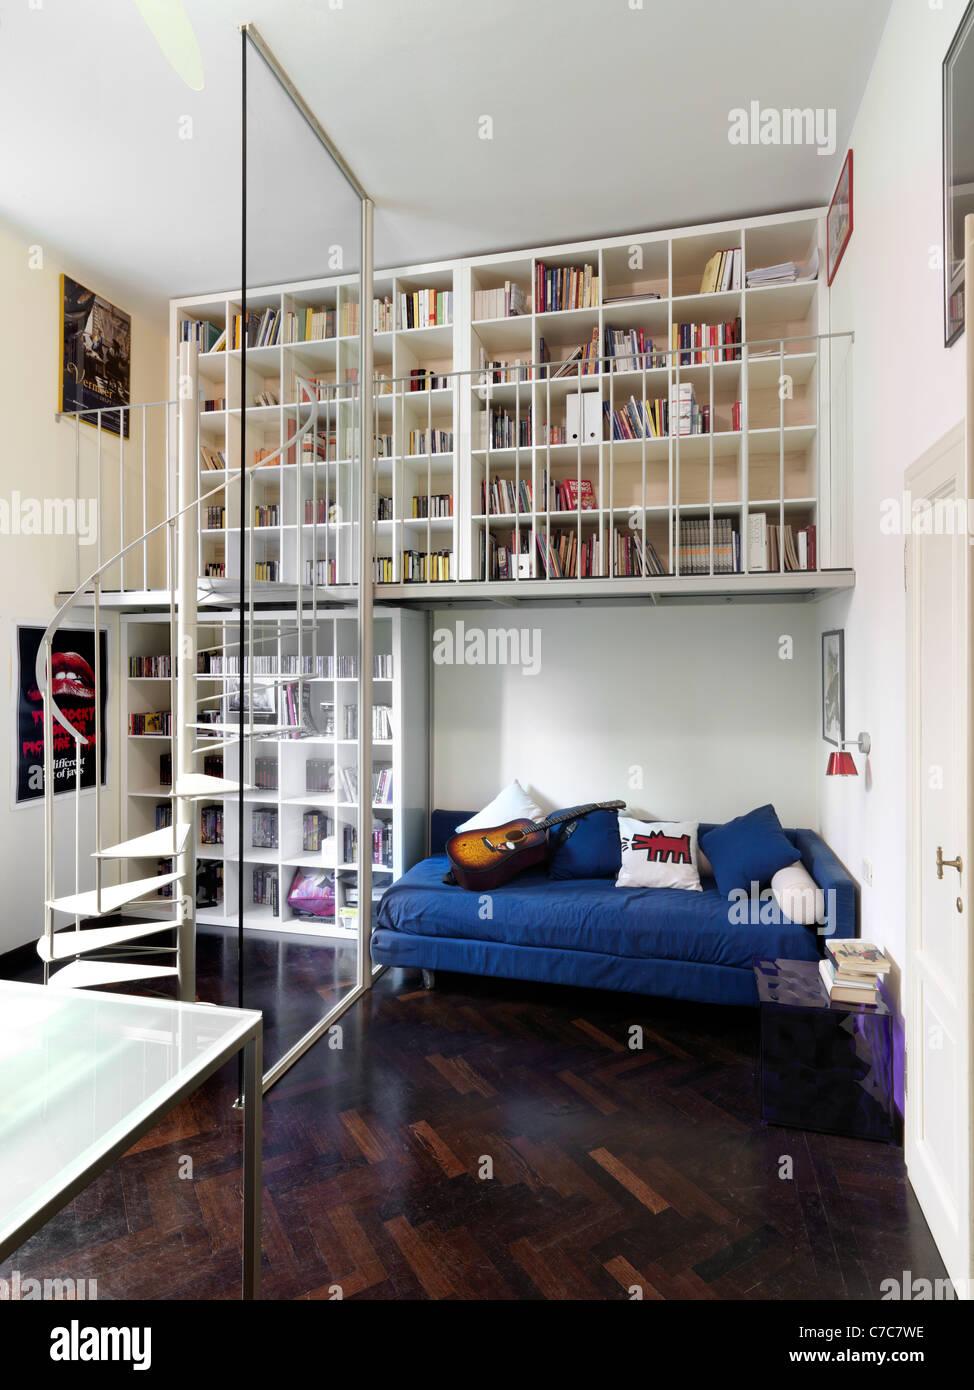 Moderne Schlafzimmer mit Holzboden und Bücherregal über Bett Stockbild